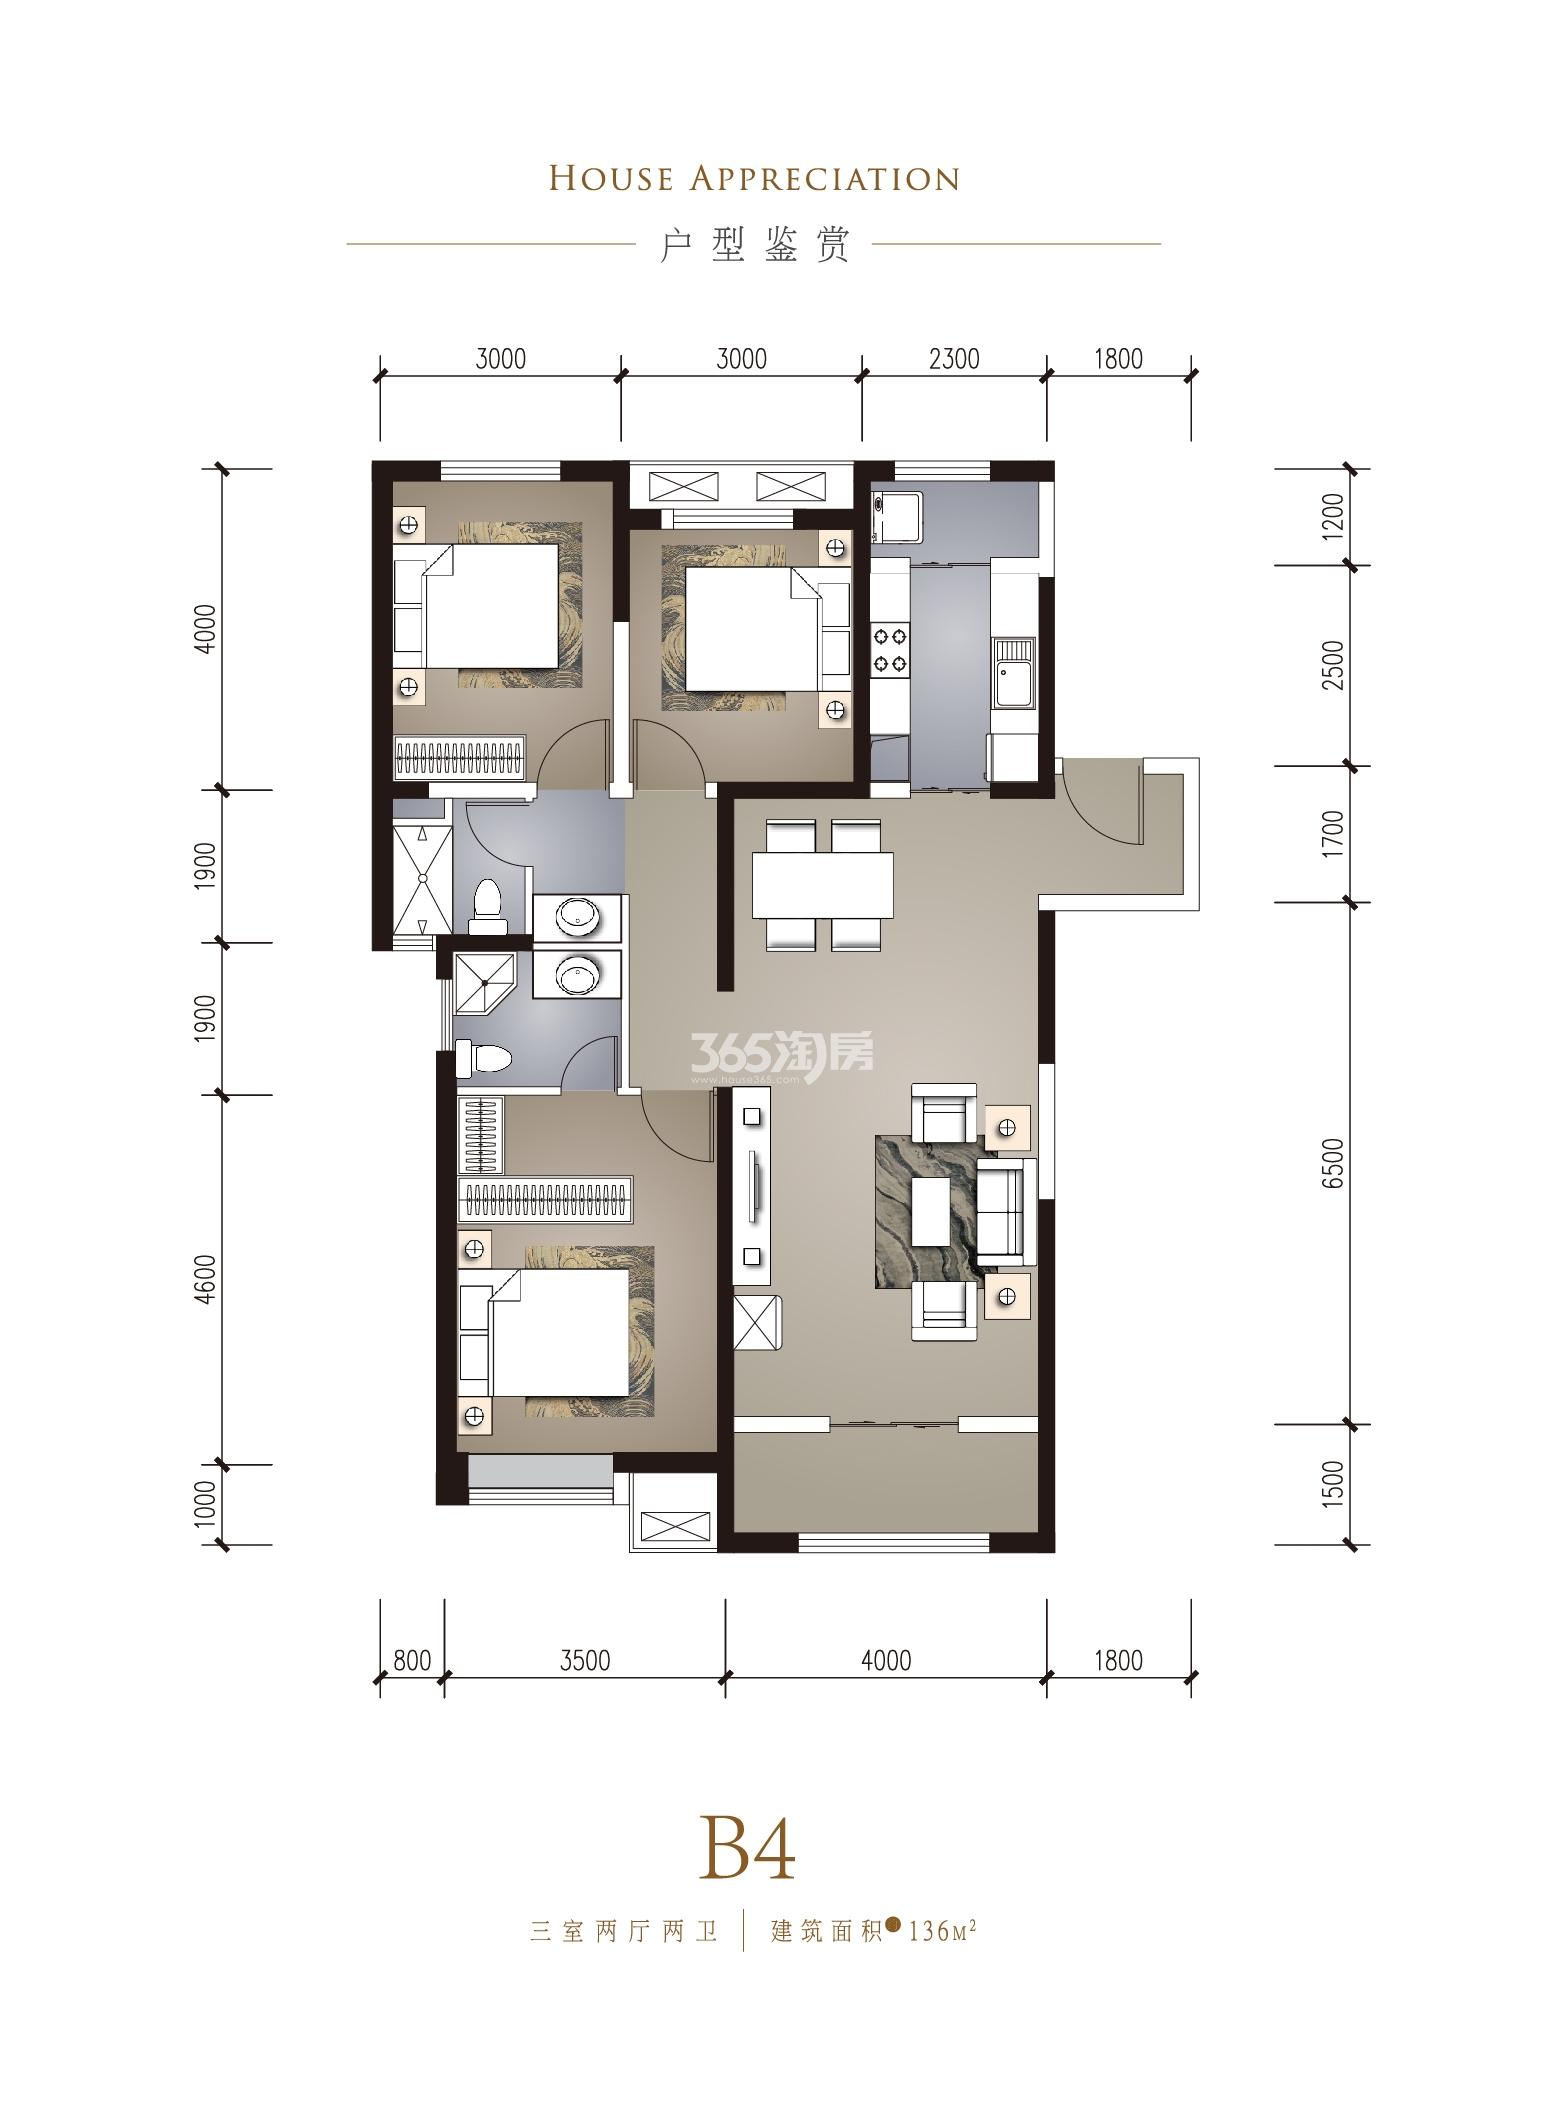 华润置地·誉澜山 三室两厅两卫 建筑面积约136㎡